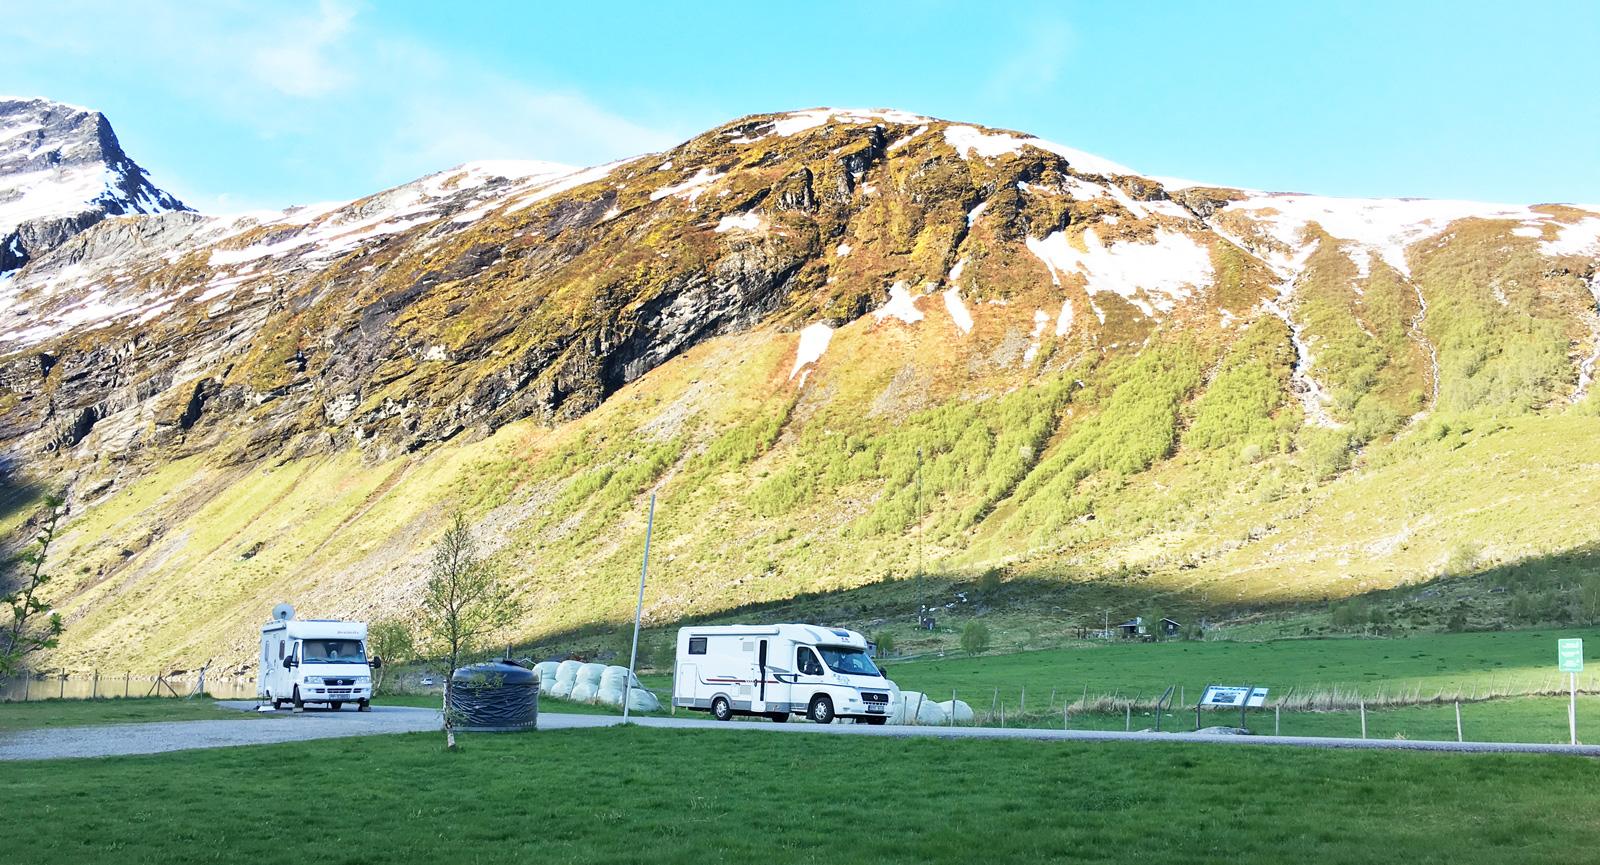 Rastplatsen invid Eidsvattnet. Övernattning är inte tillåten här men inte långt härifrån finns annars en camping.